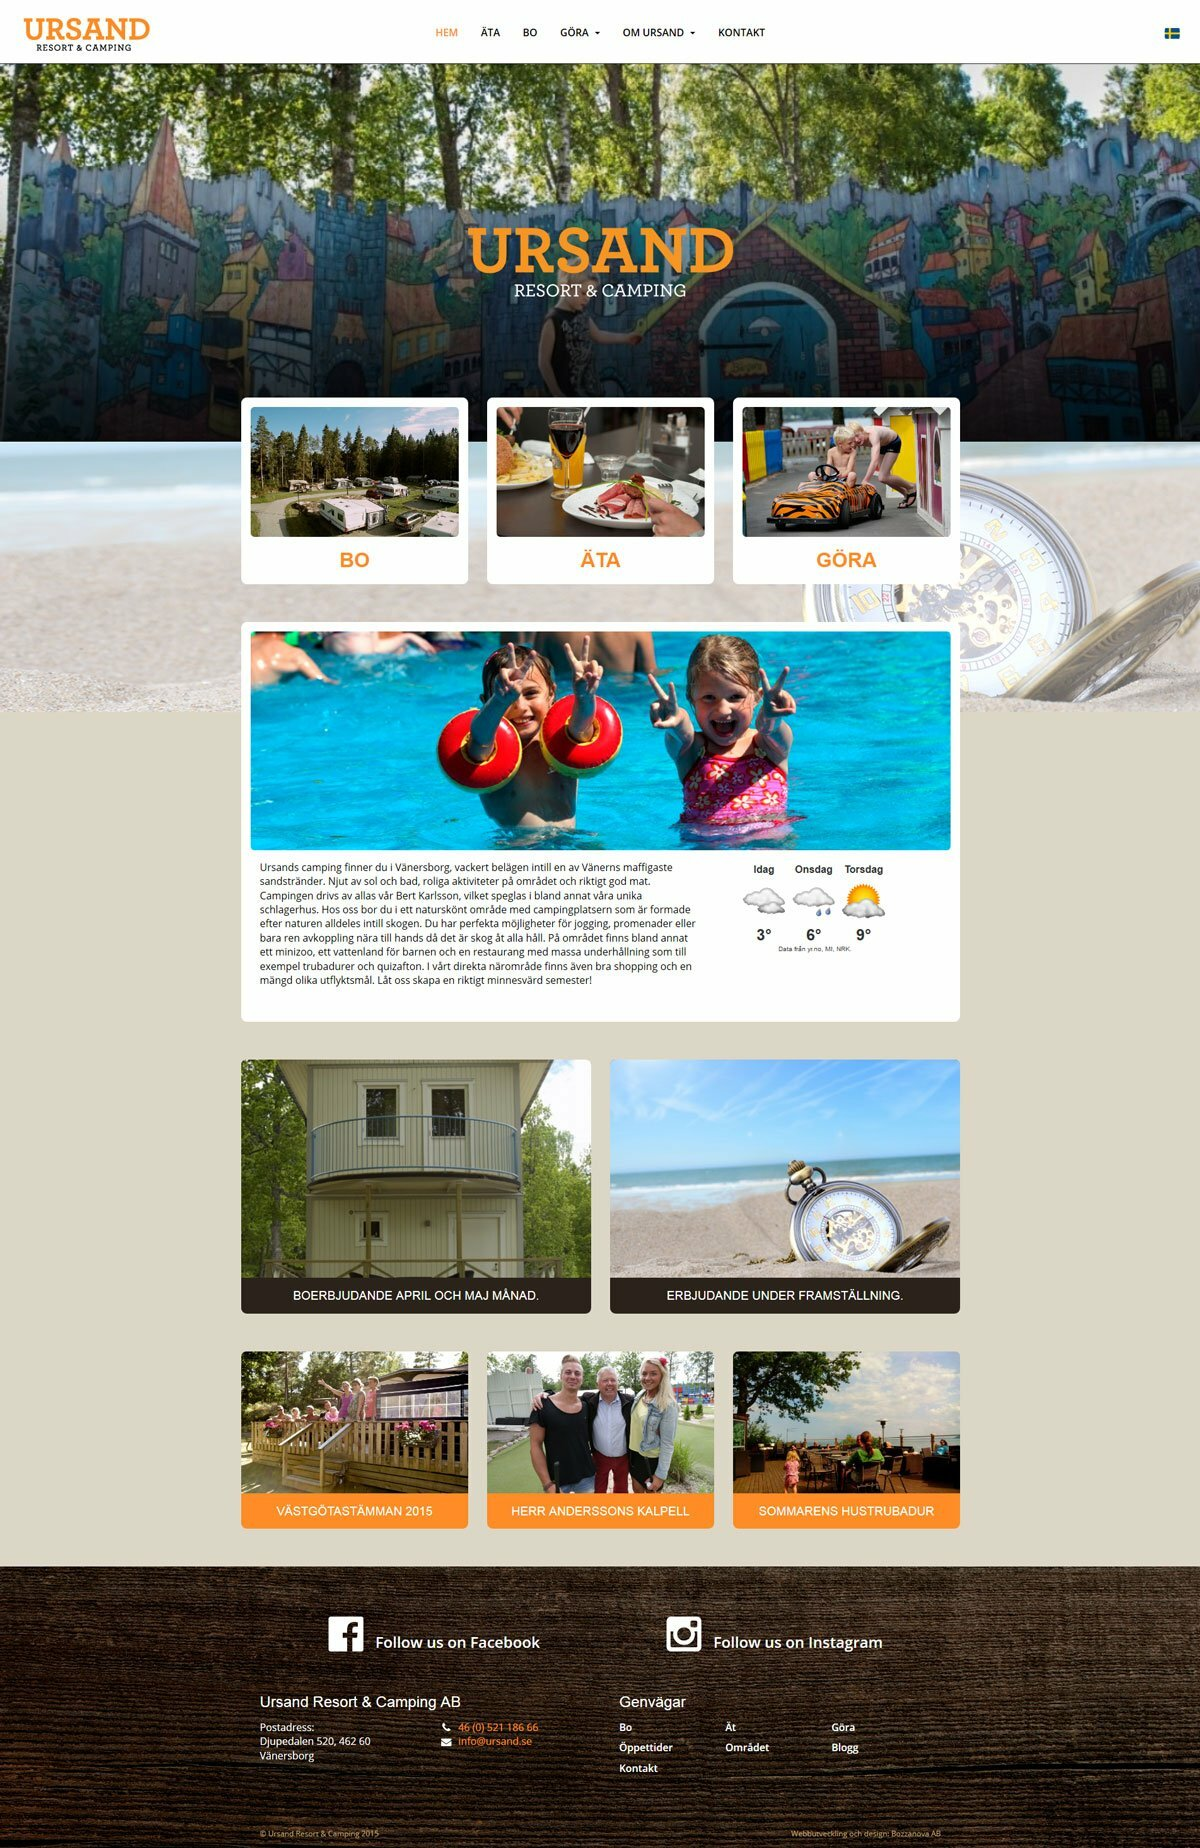 Ursand Resort & Camping får ny hemsida av Bozzanova reklam- och webbyrå